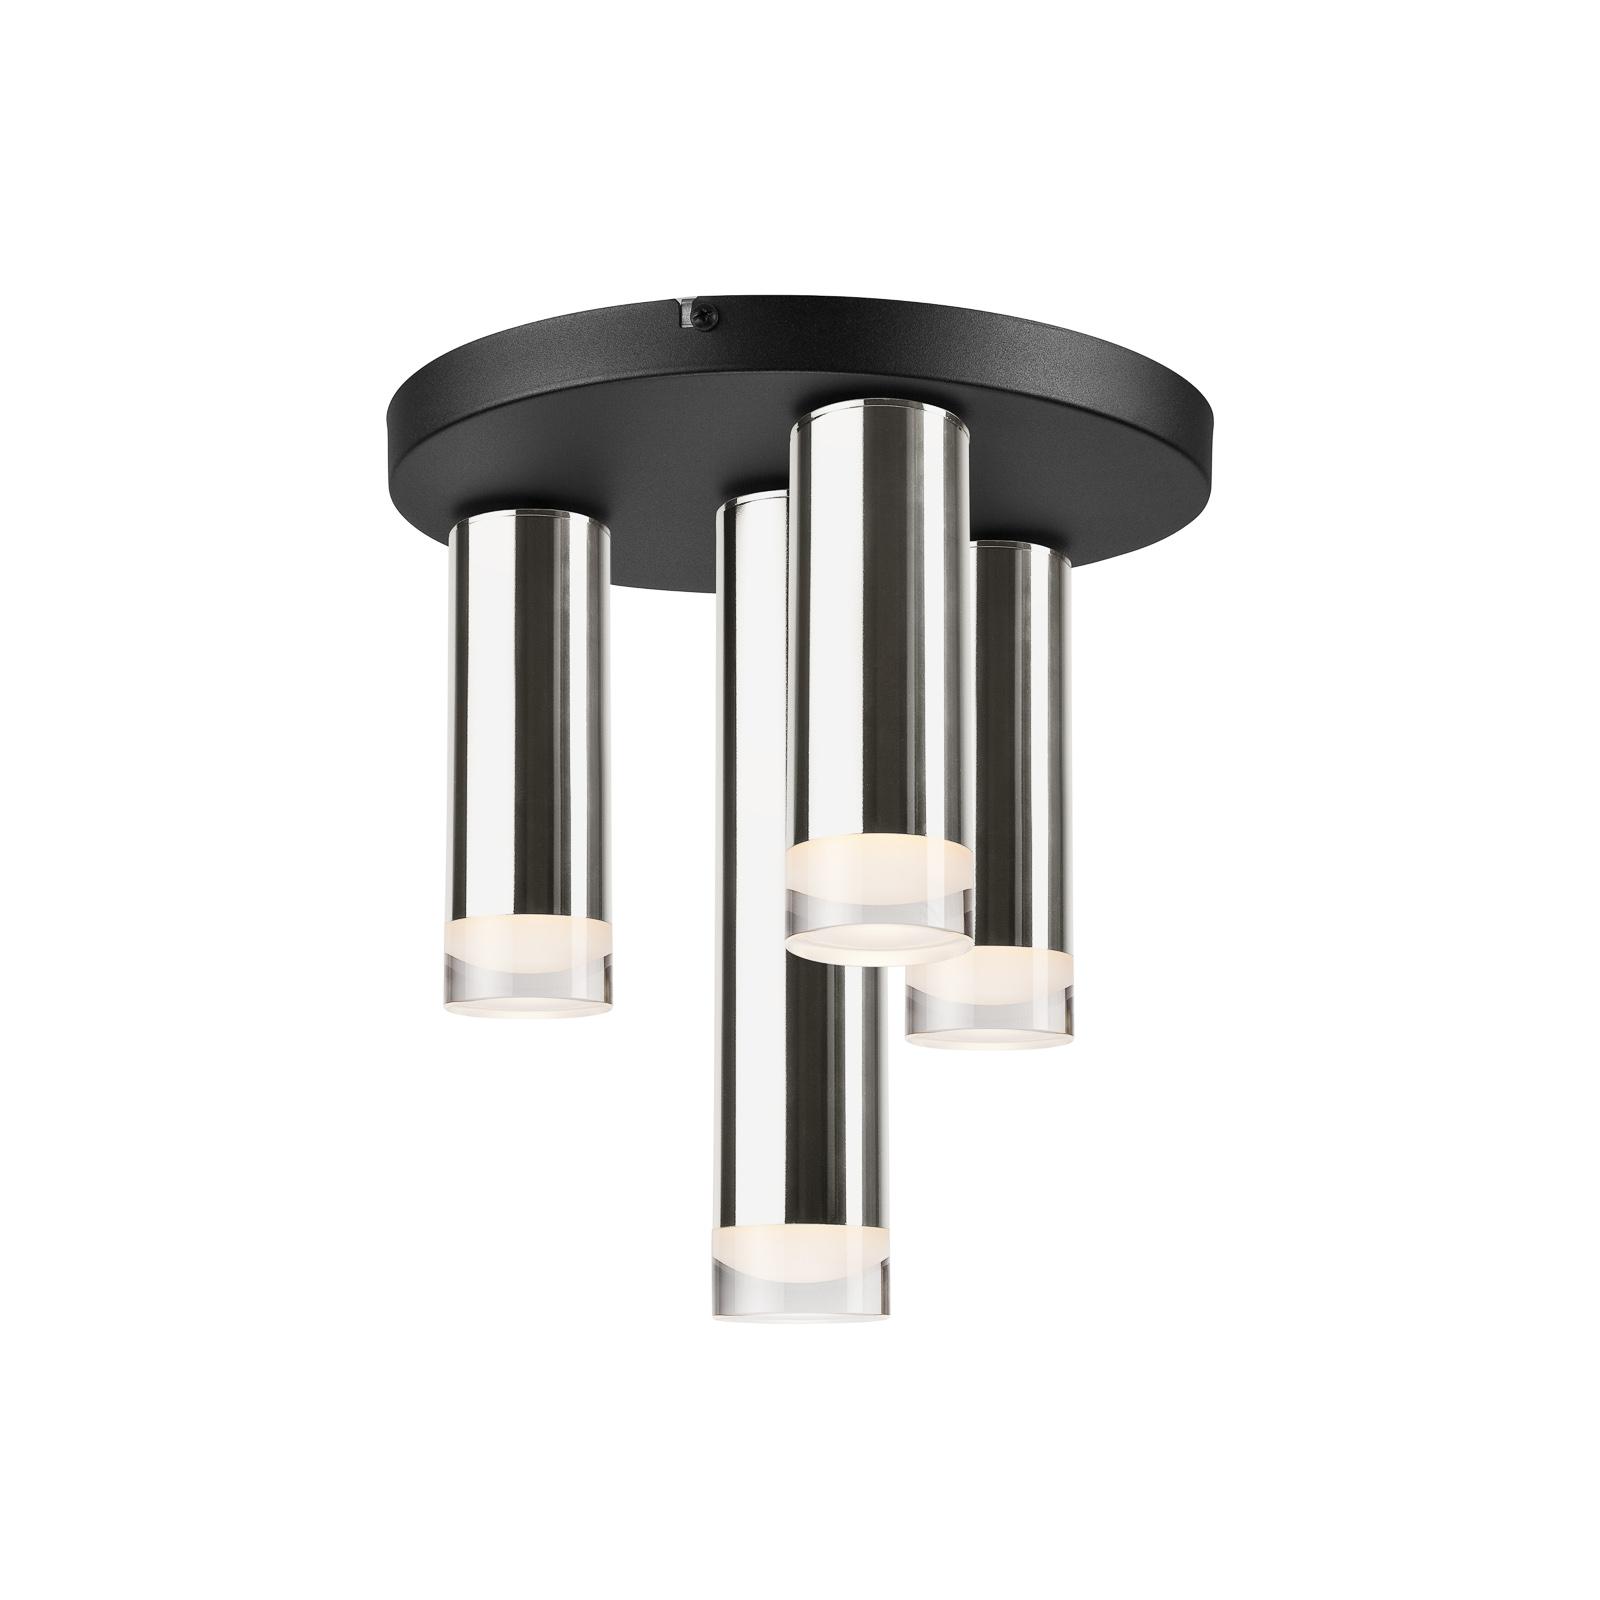 Taklampe Shine, 4 lyskilder, rund, krom